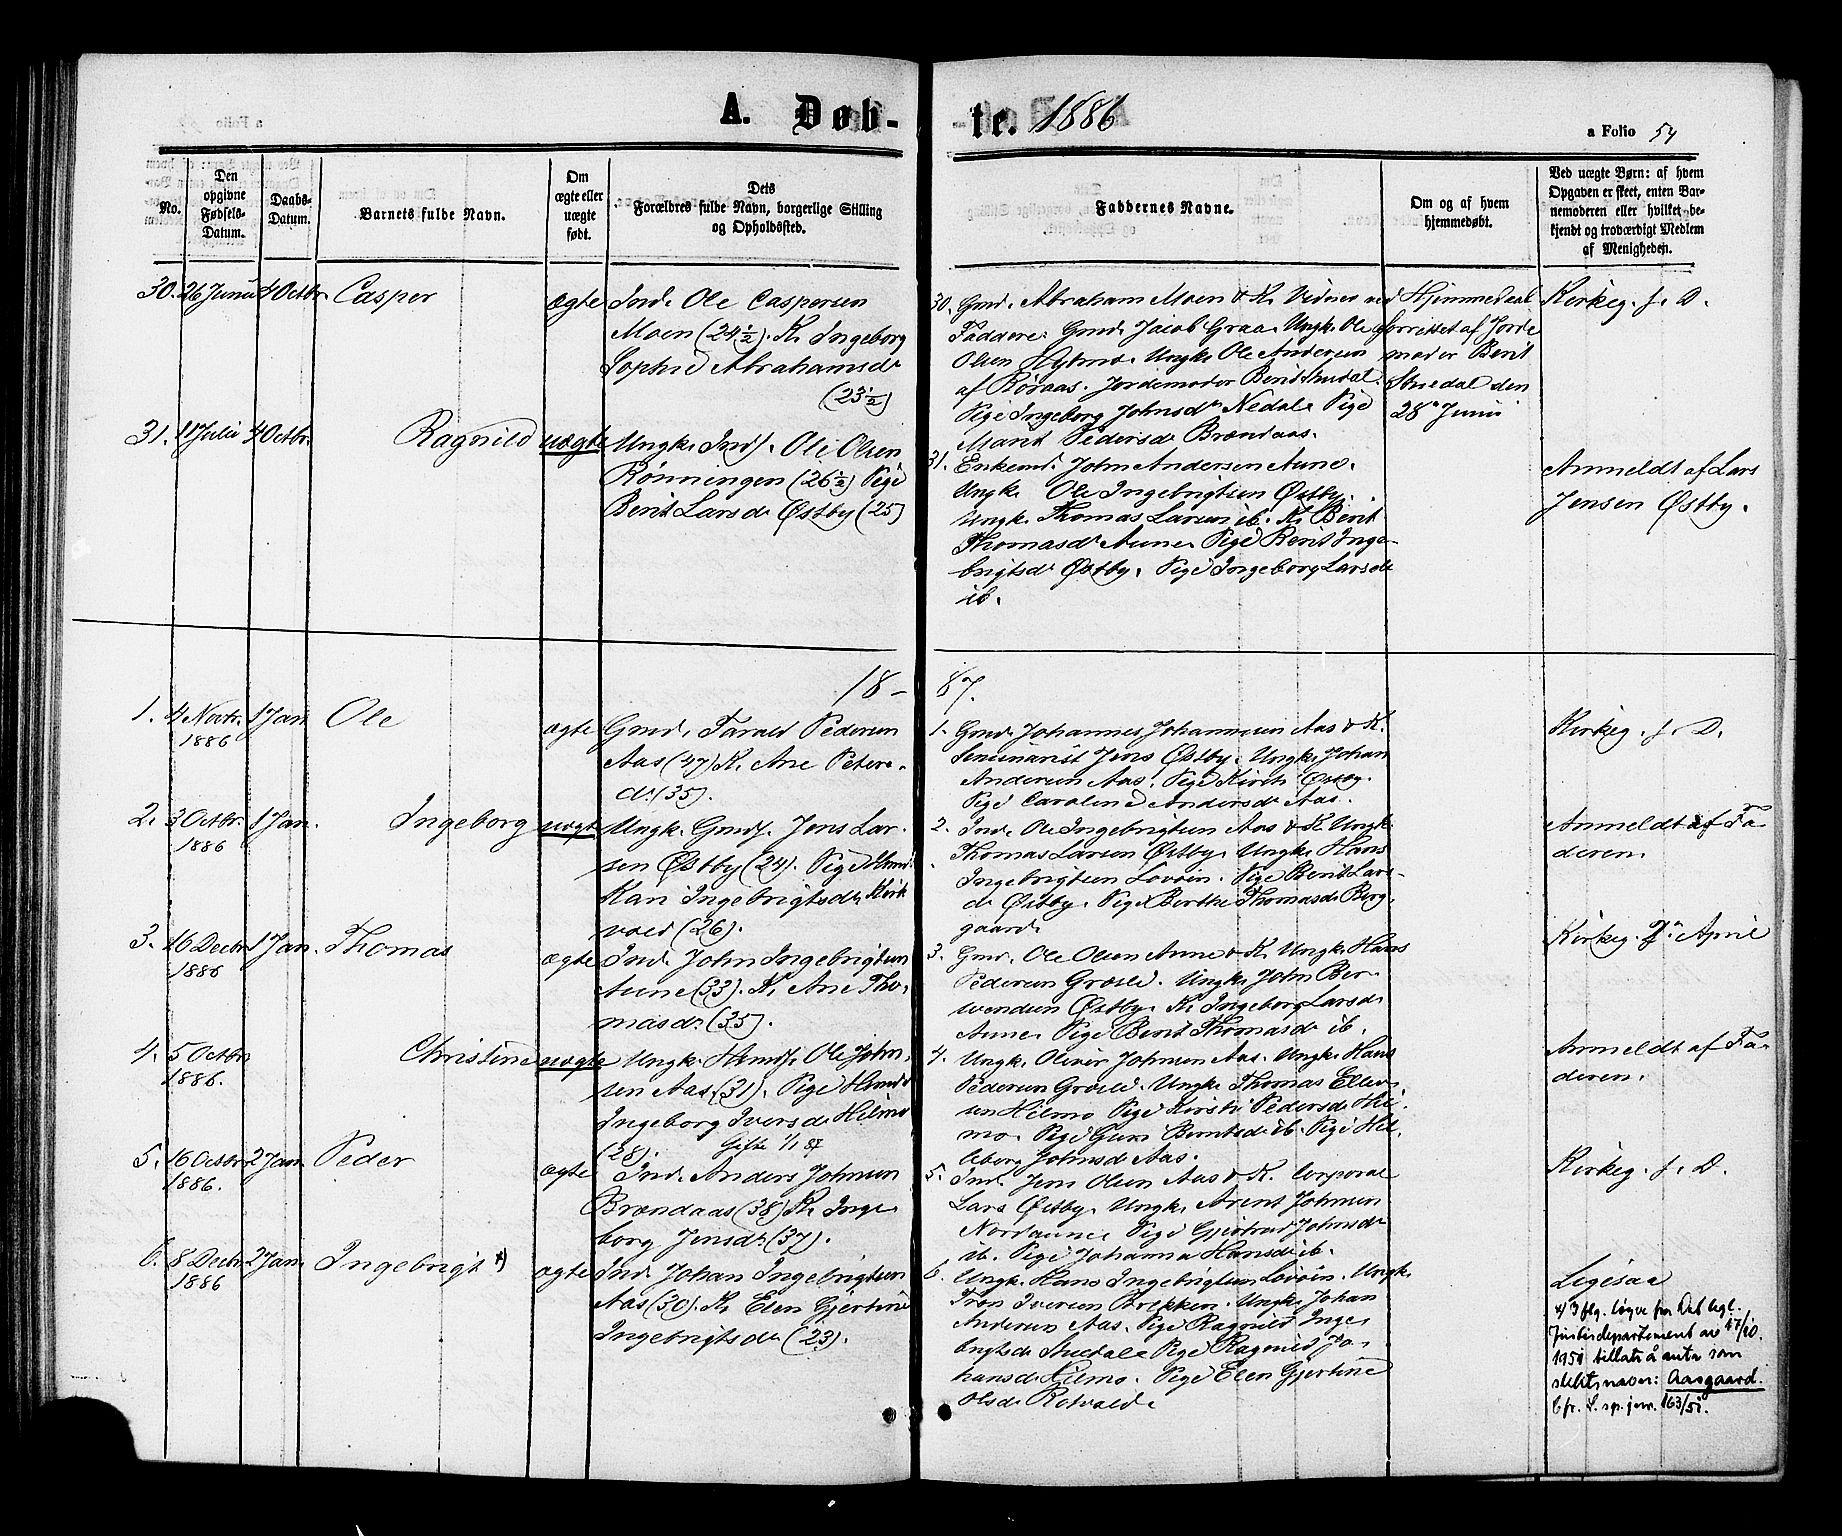 SAT, Ministerialprotokoller, klokkerbøker og fødselsregistre - Sør-Trøndelag, 698/L1163: Ministerialbok nr. 698A01, 1862-1887, s. 54